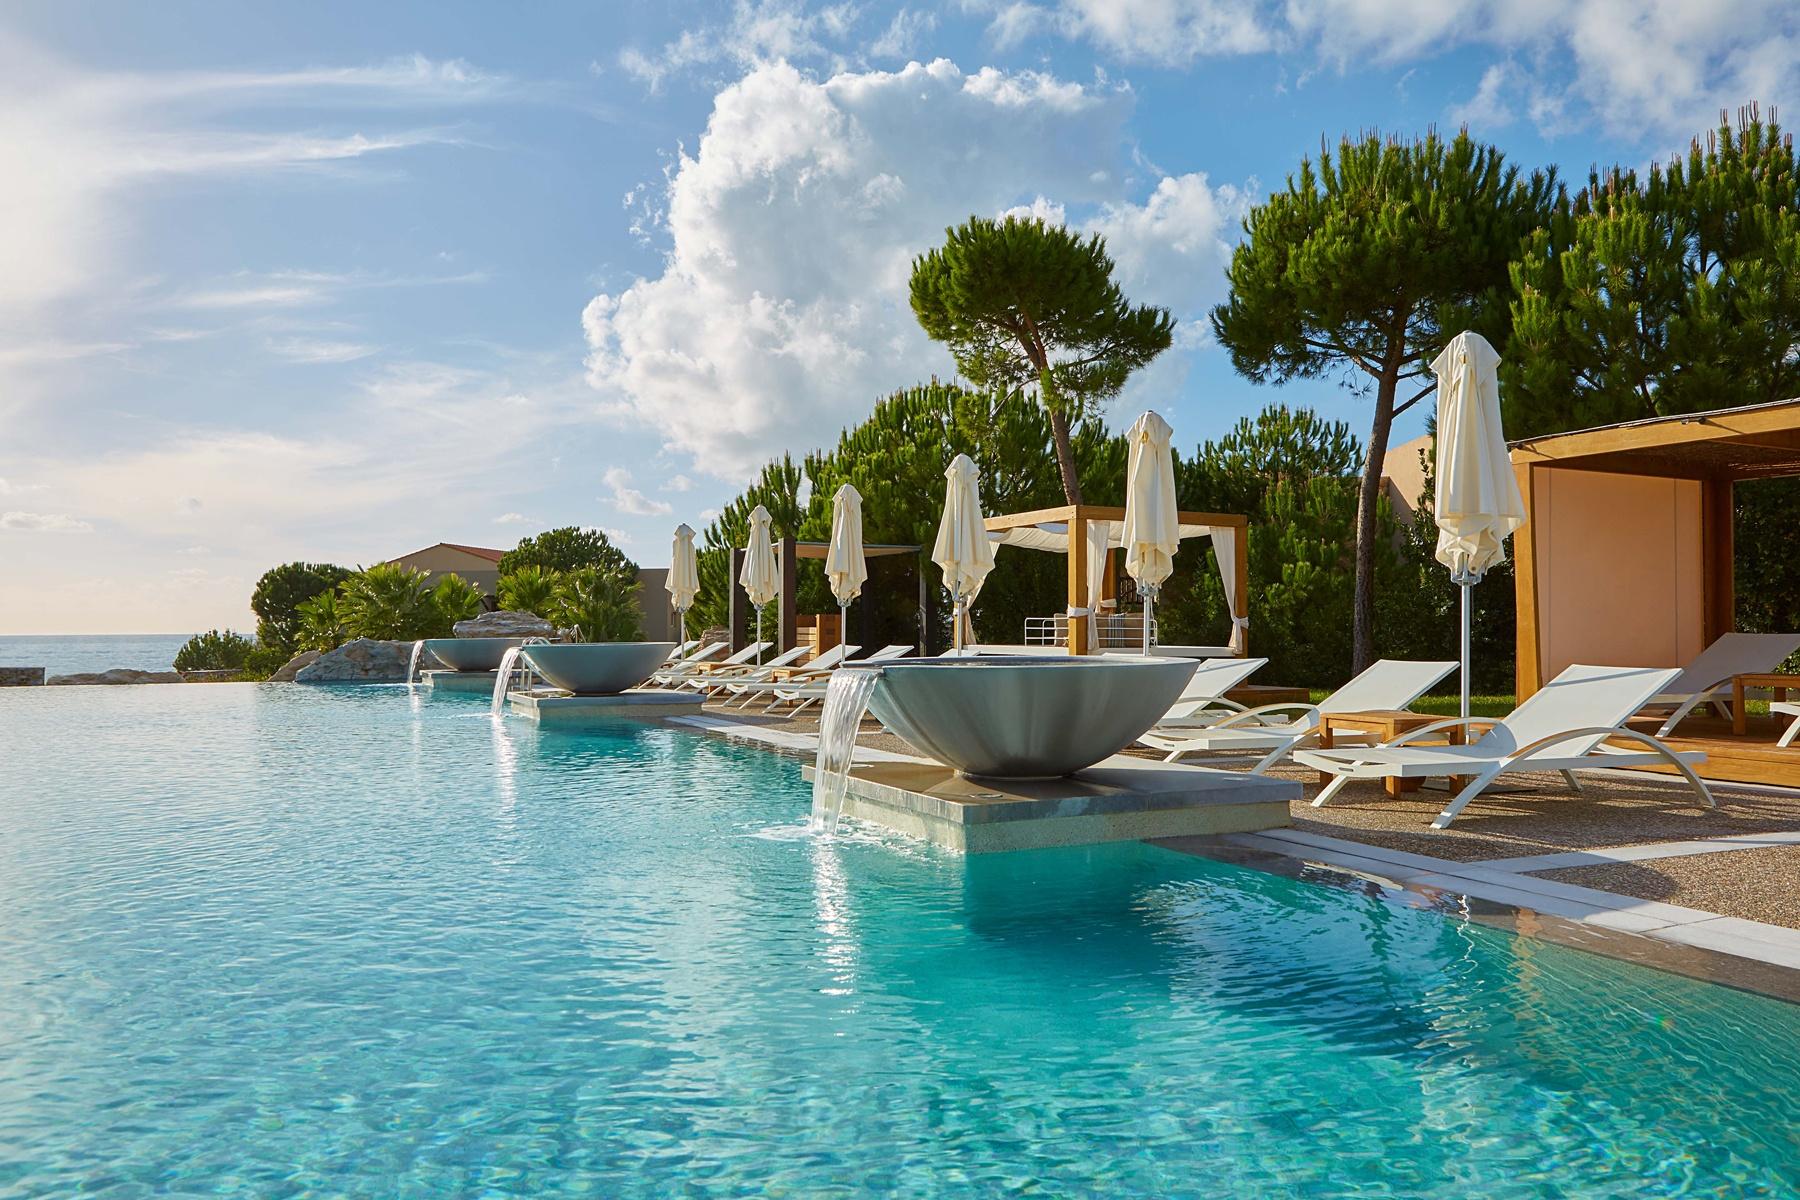 The Westin Costa Navarino Resort, Greece